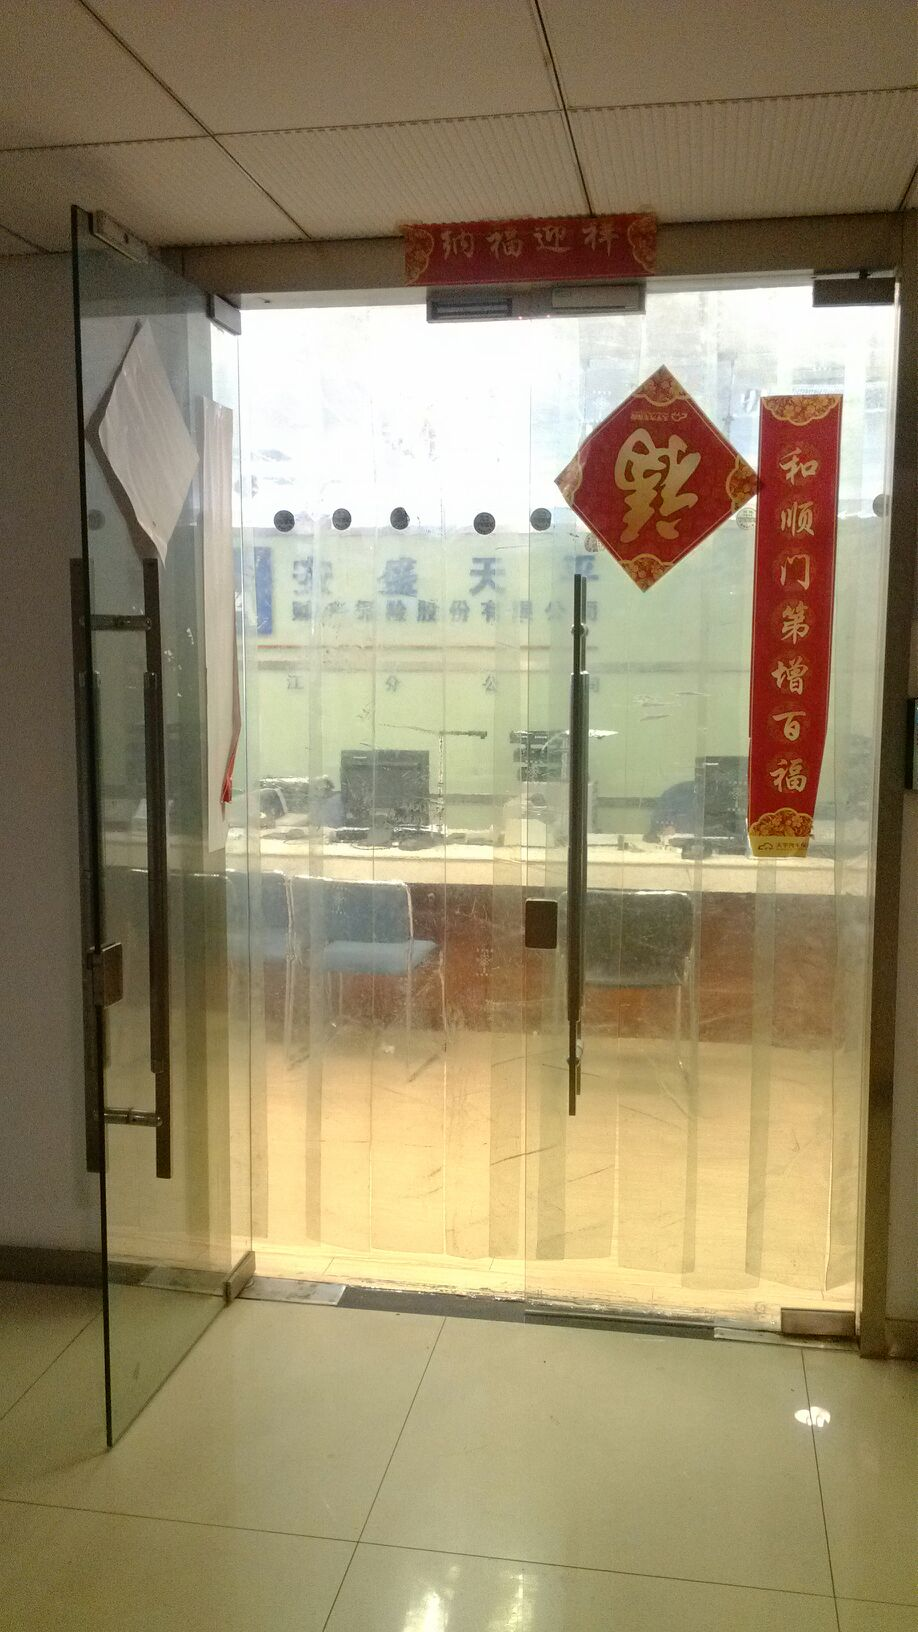 天平汽车保险(浙江分公司)